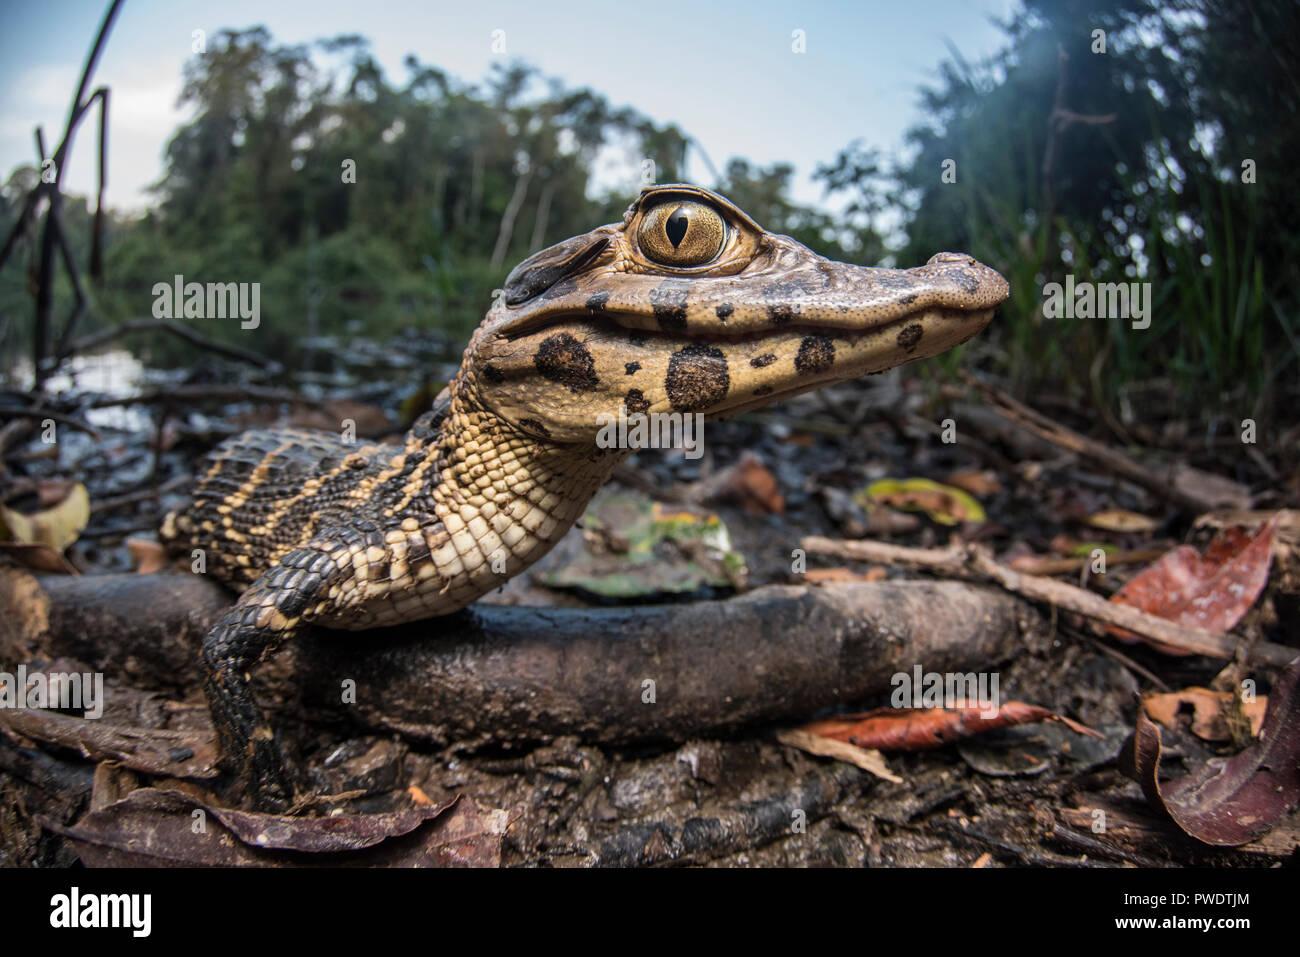 Un joven caimán negro (Melanosuchus niger), cuando éste crece será un ápice depredador de la Amazonía. Éste está tomando el sol junto al lago. Imagen De Stock